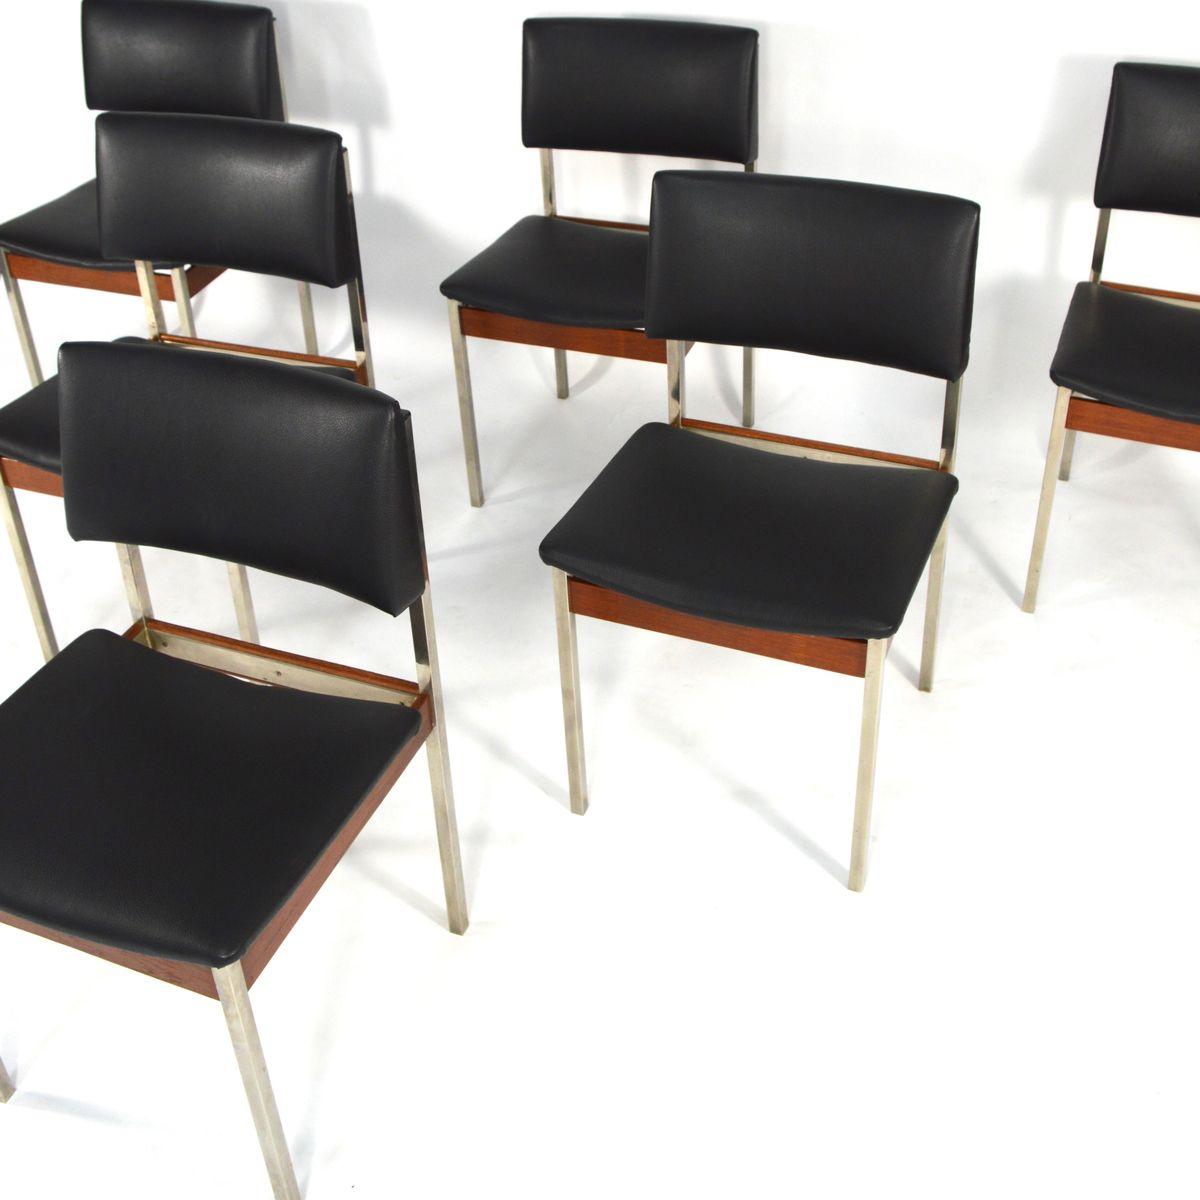 chaises de salon en chrome et en teck 1960s set de 6 en vente sur pamono. Black Bedroom Furniture Sets. Home Design Ideas